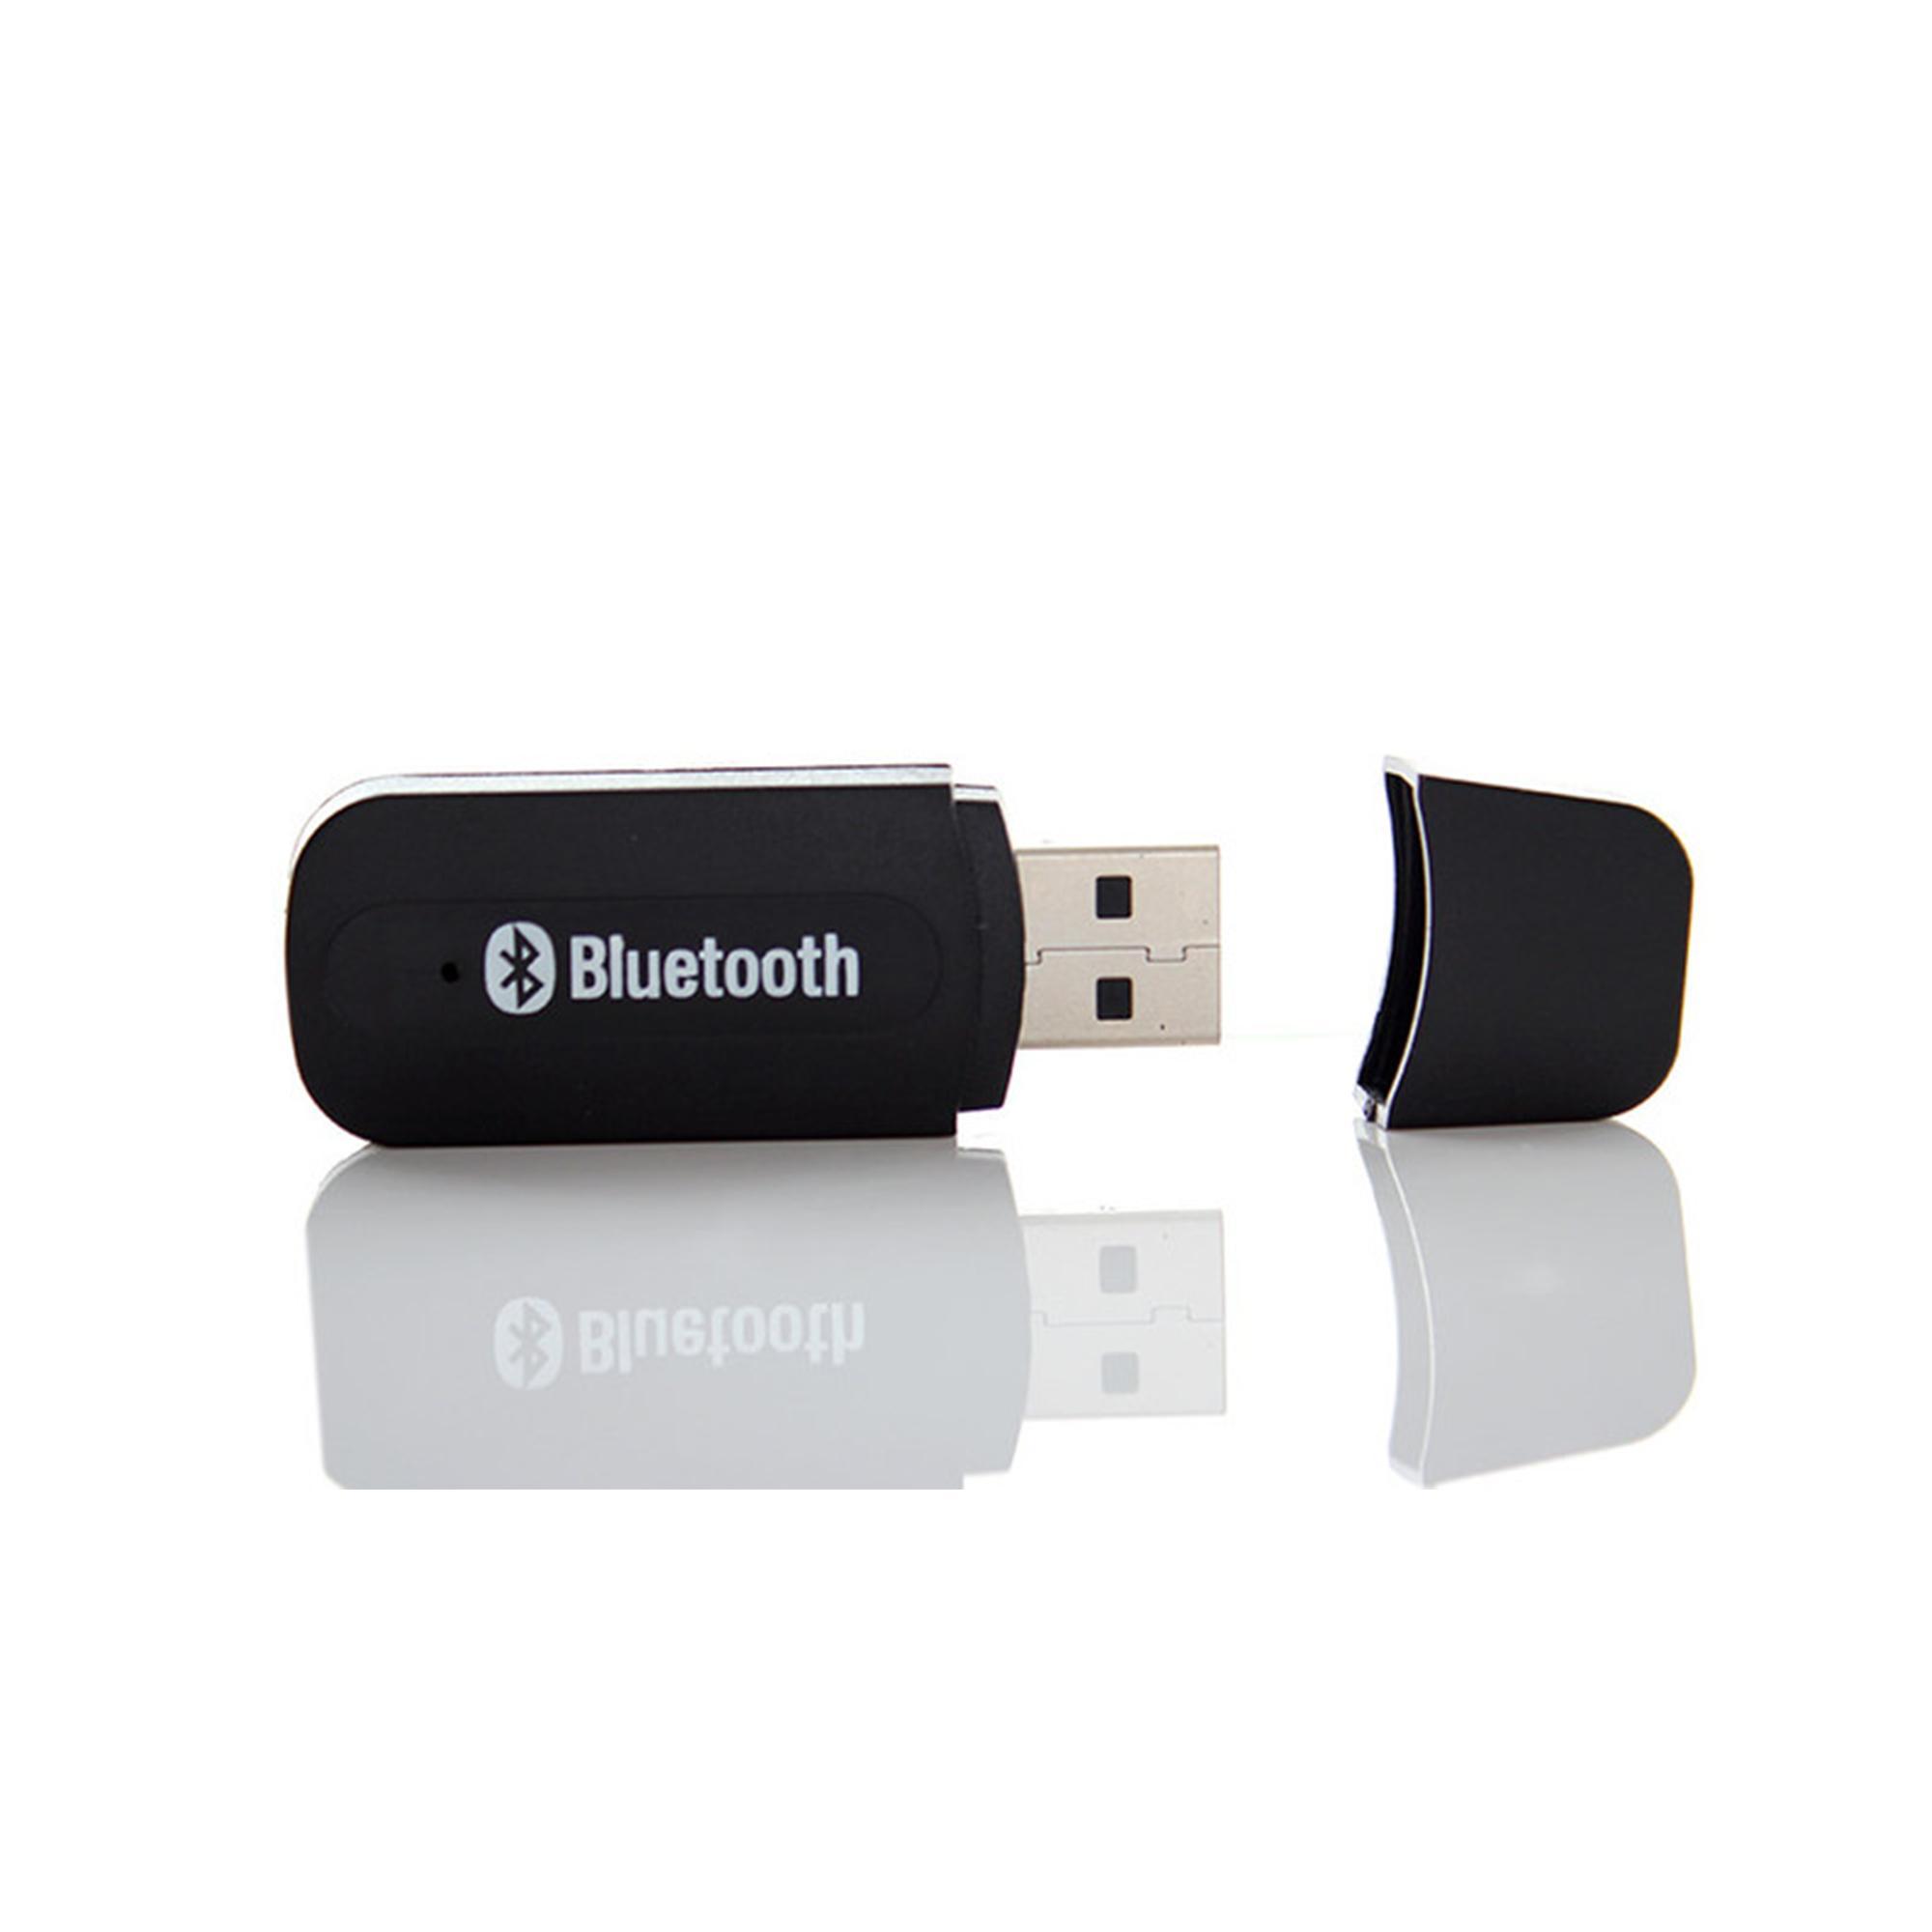 Hình ảnh USB bluetooth BT-163 biến loa thường thành loa Bluetooth (Màu Đen)